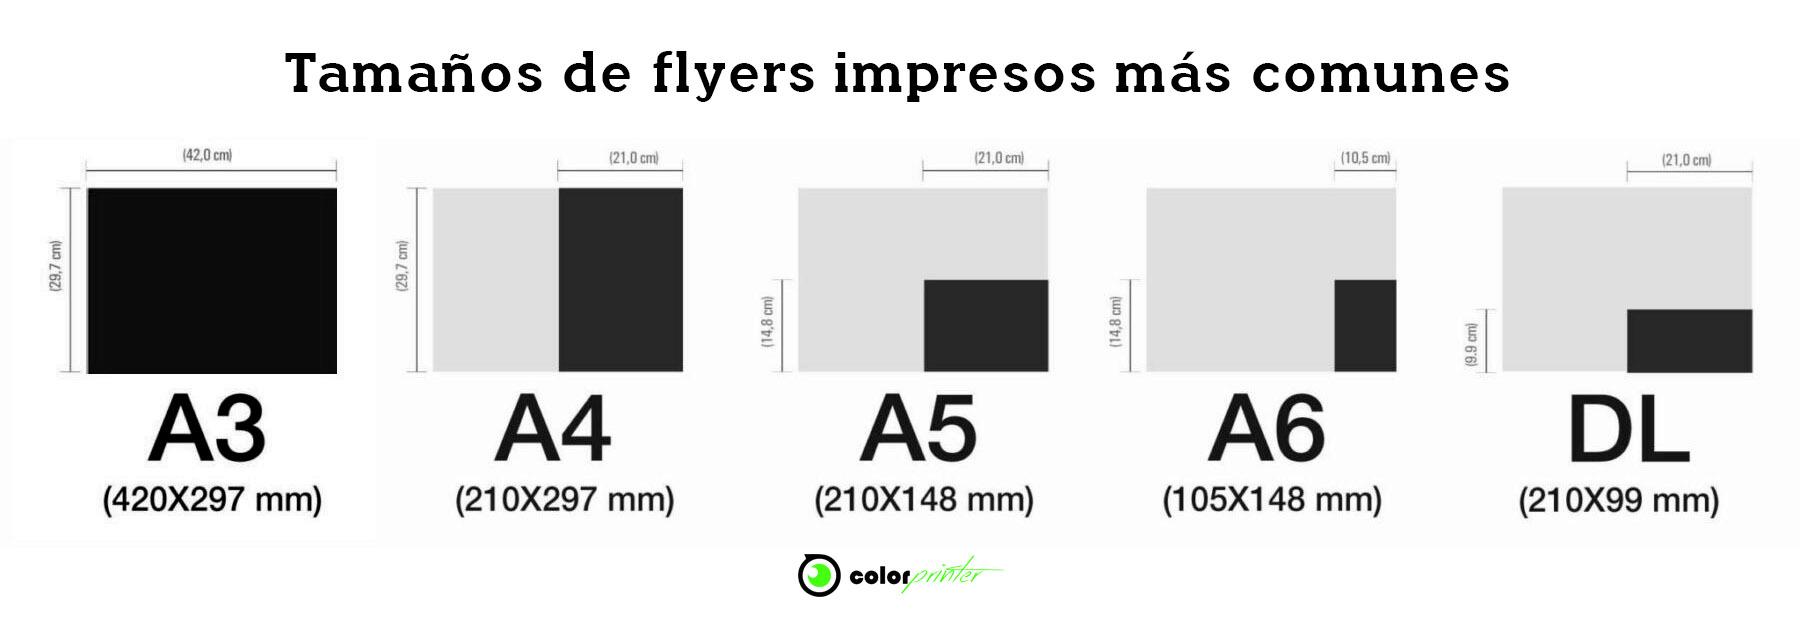 Medidas y tamaños de flyes impresos